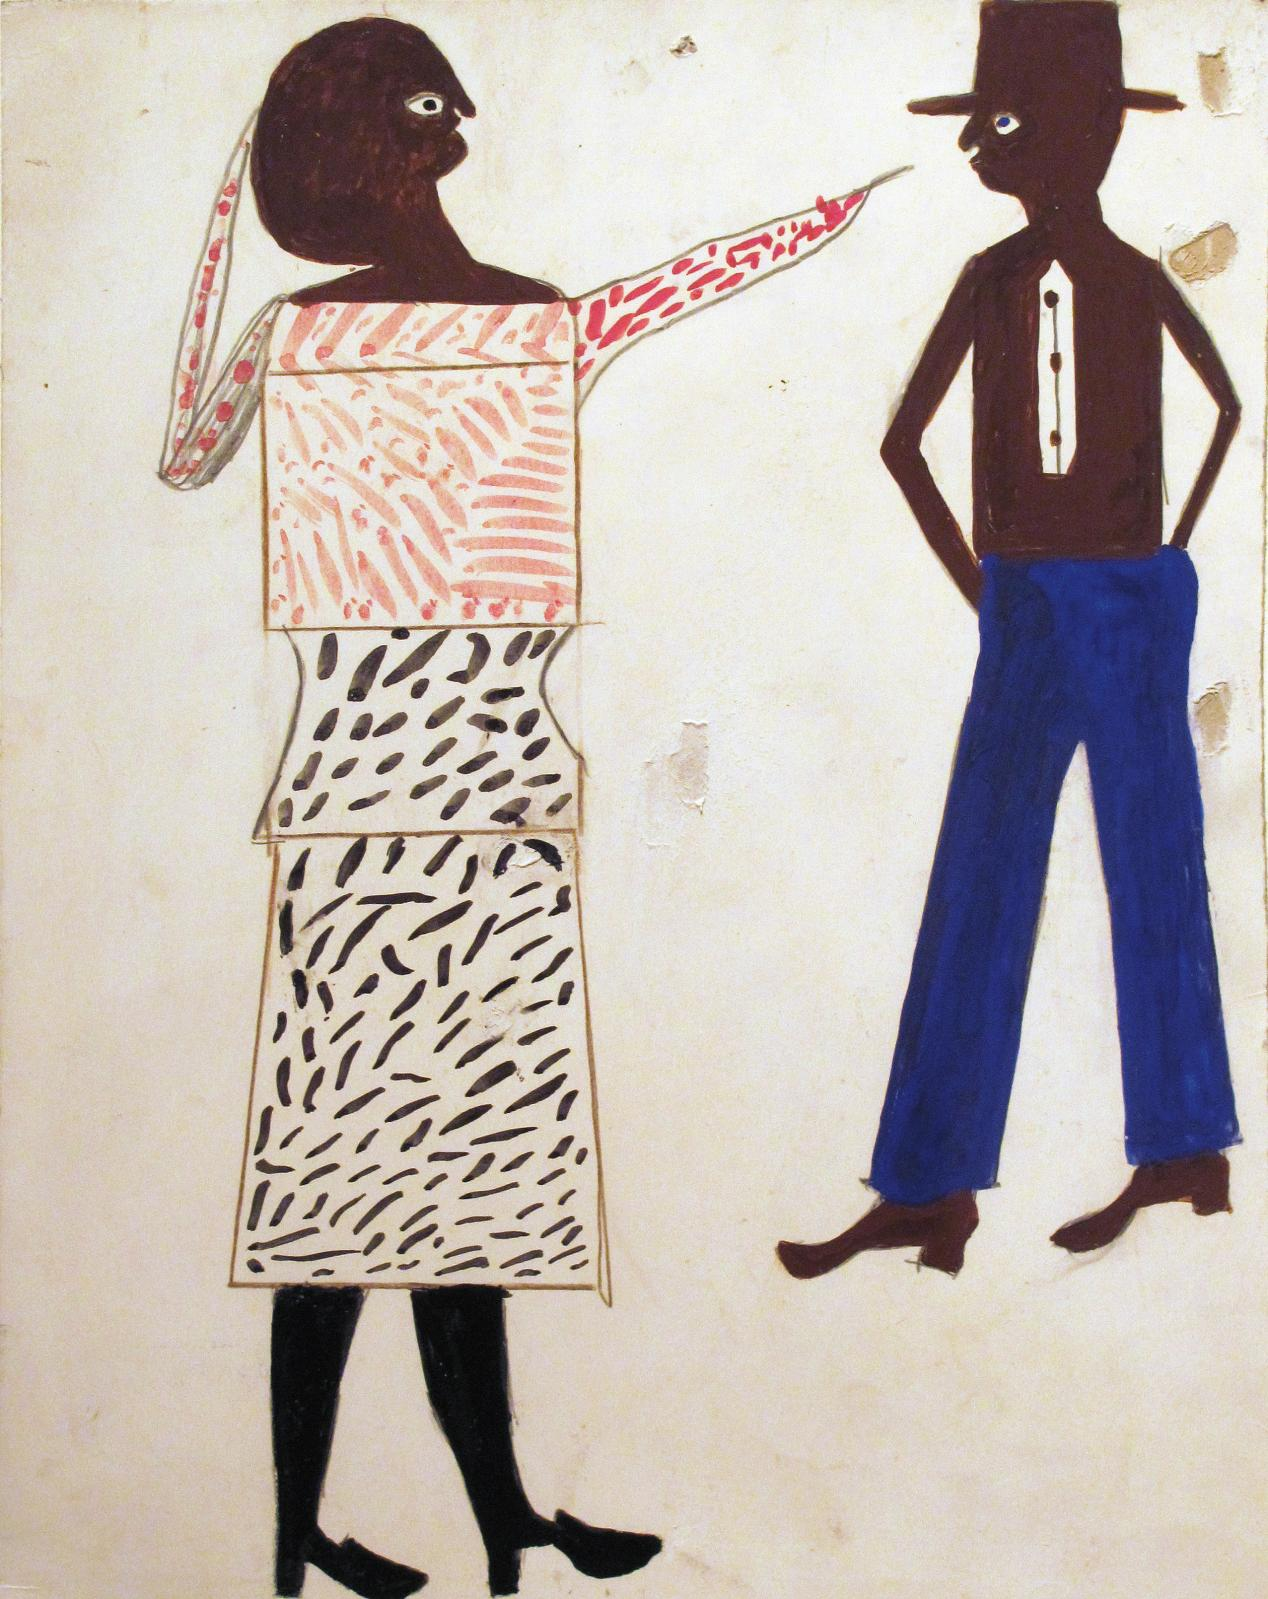 Bill Traylor,Untitled - Femme pointant, 1938-1943, crayons, feutres et aquarelle sur carton récupéré, 35,5x28cm. COURTESY CARL HAMMER